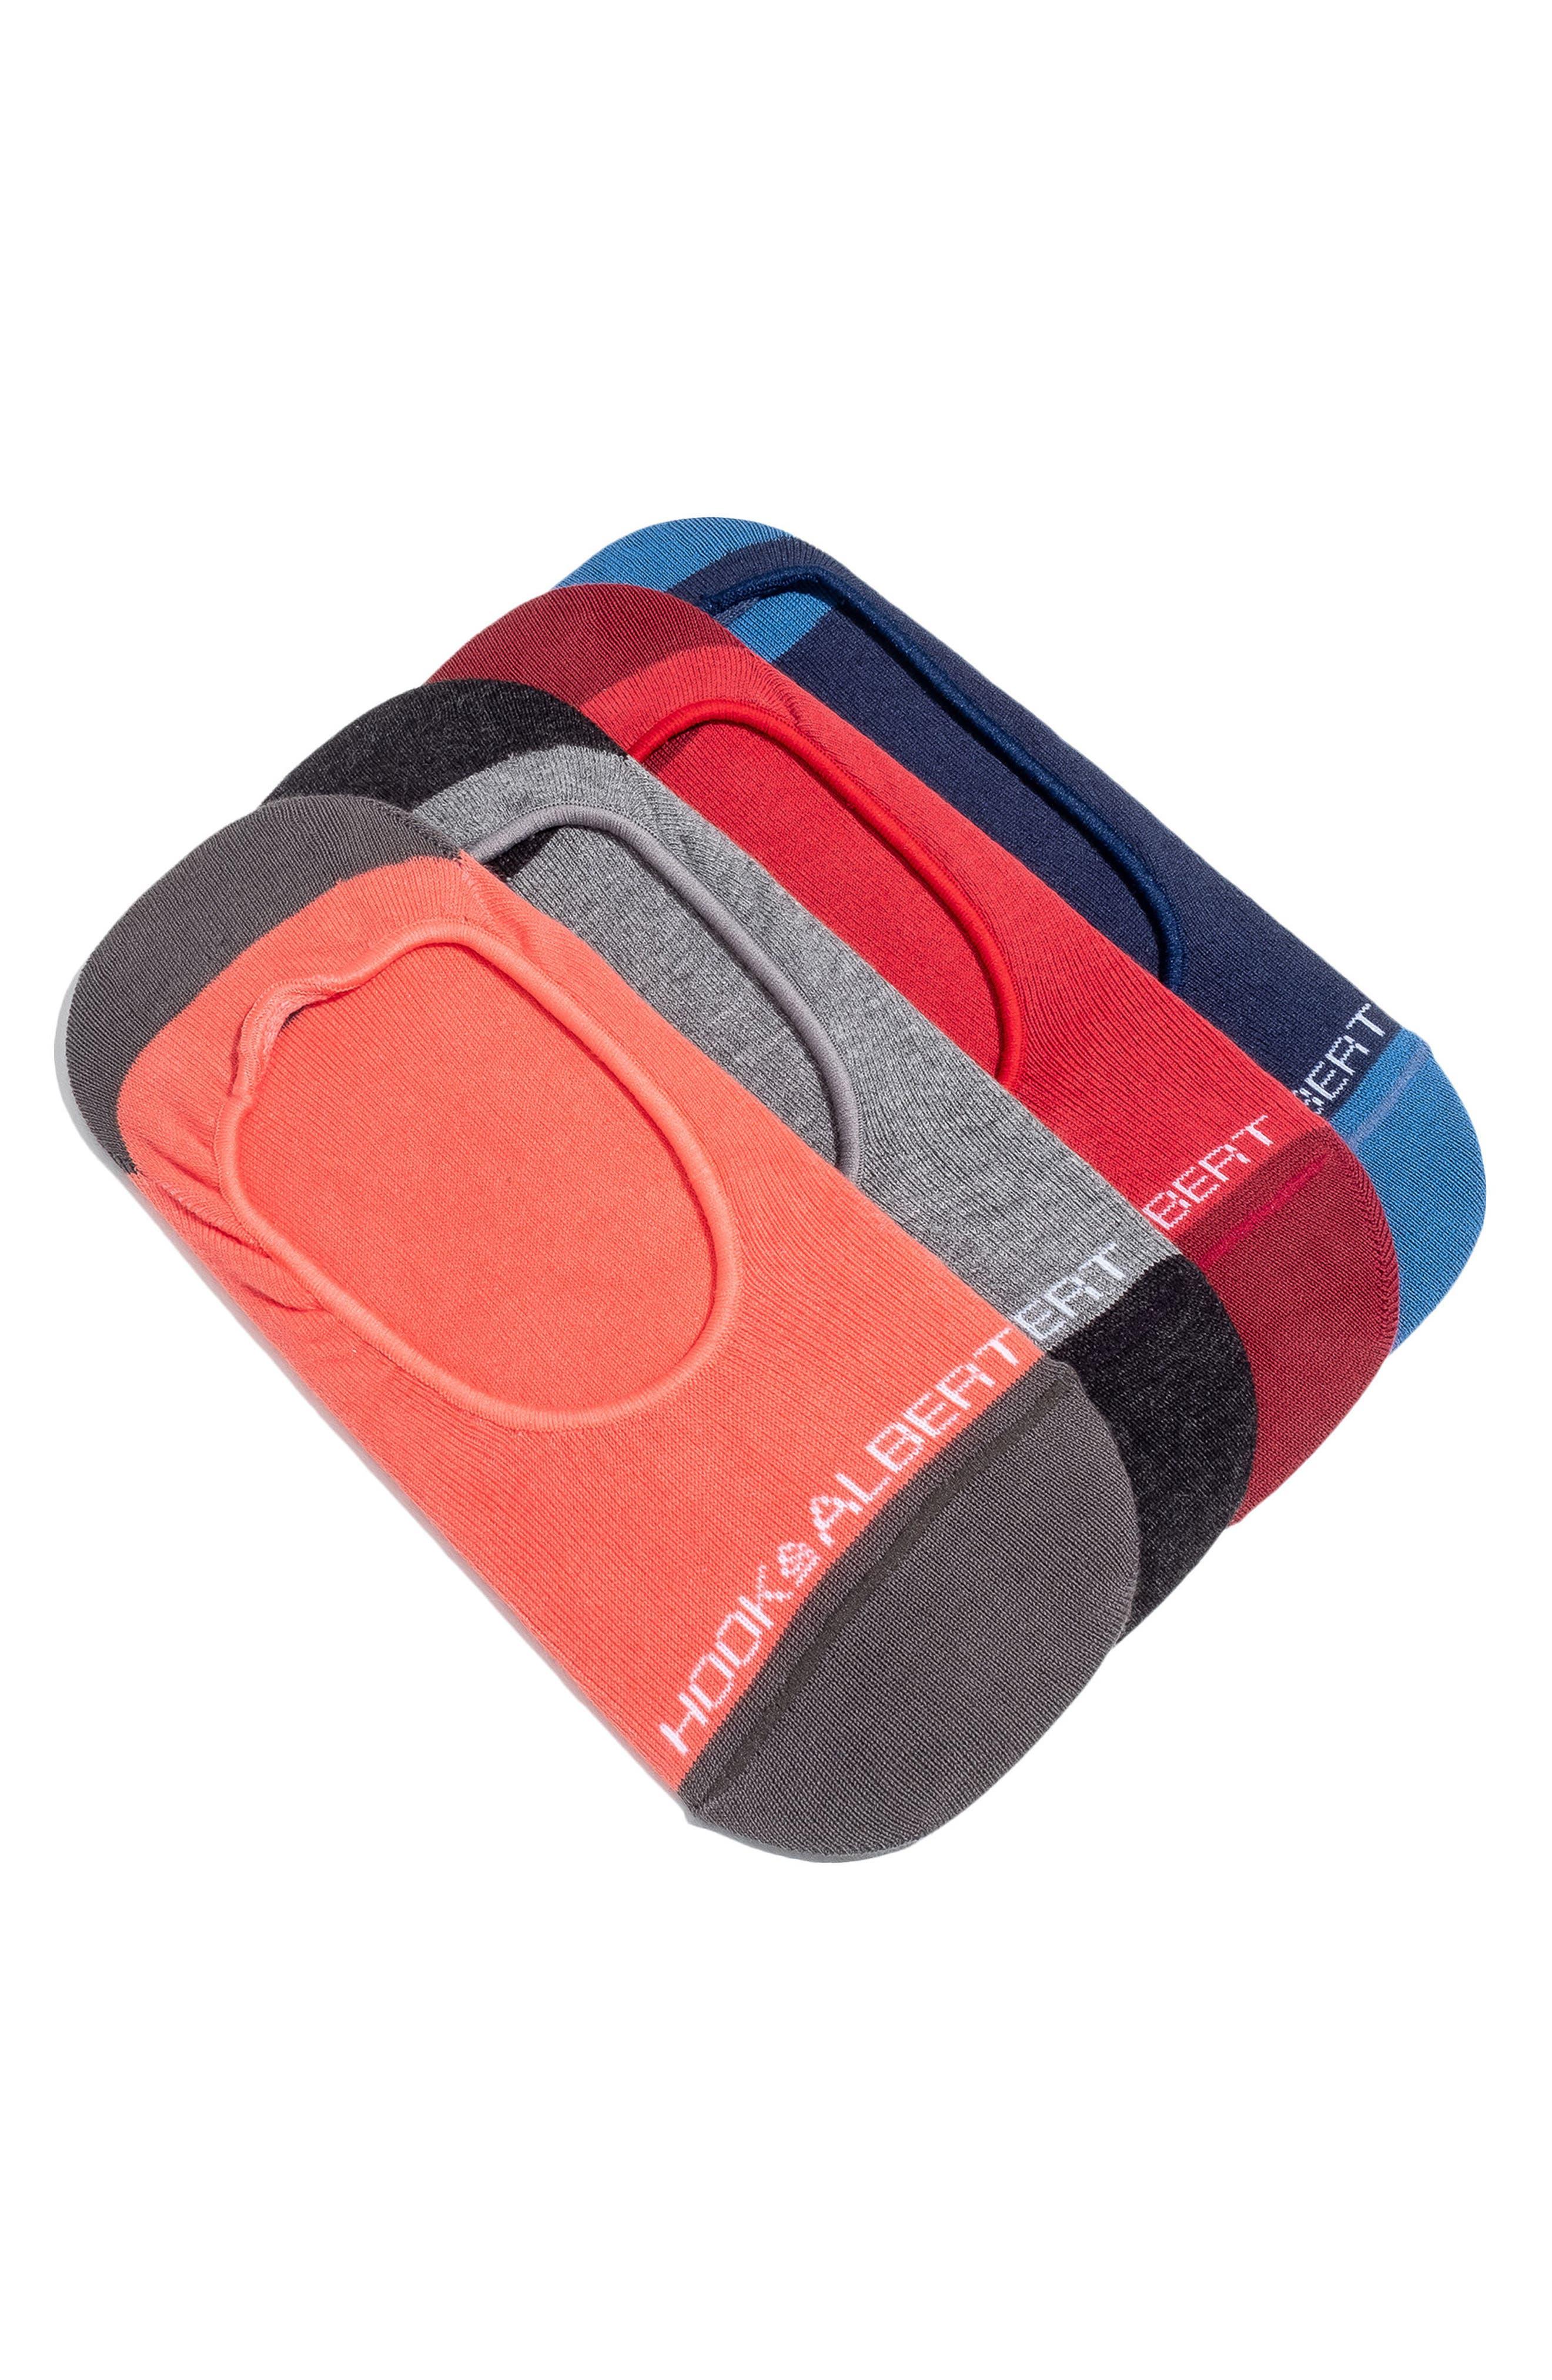 4-Pack Liner Socks,                         Main,                         color, Red